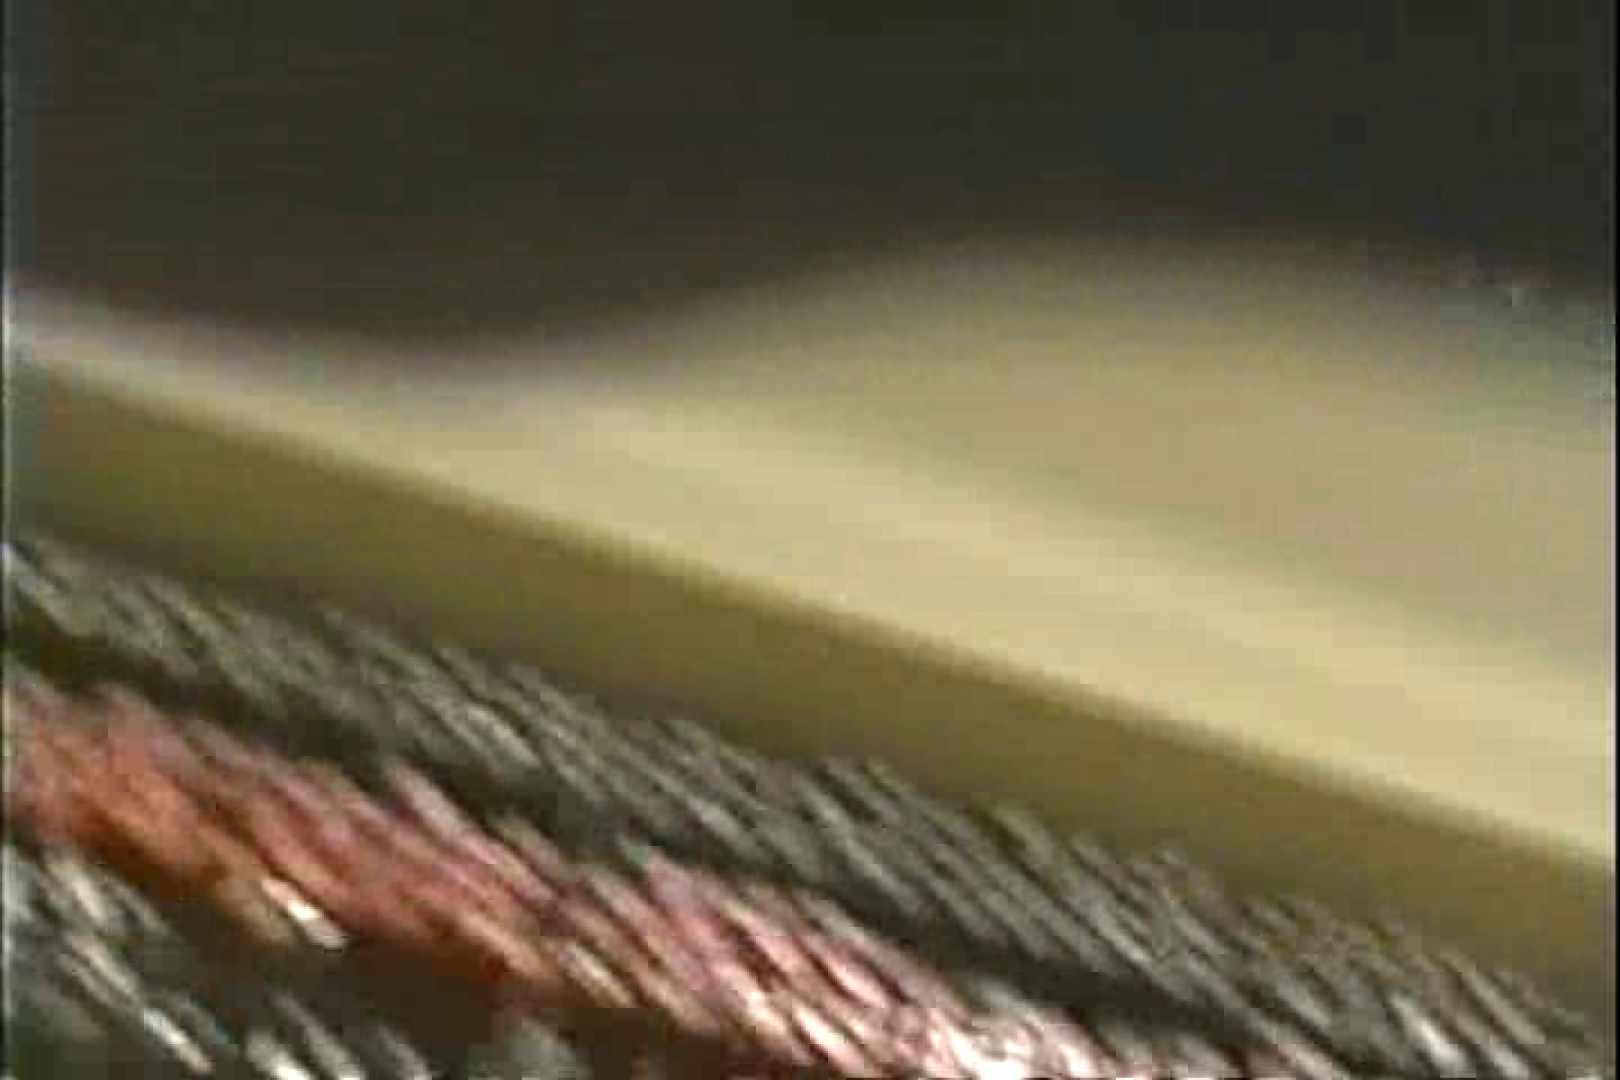 「ちくりん」さんのオリジナル未編集パンチラVol.3_01 パンチラ おめこ無修正画像 63PICs 56